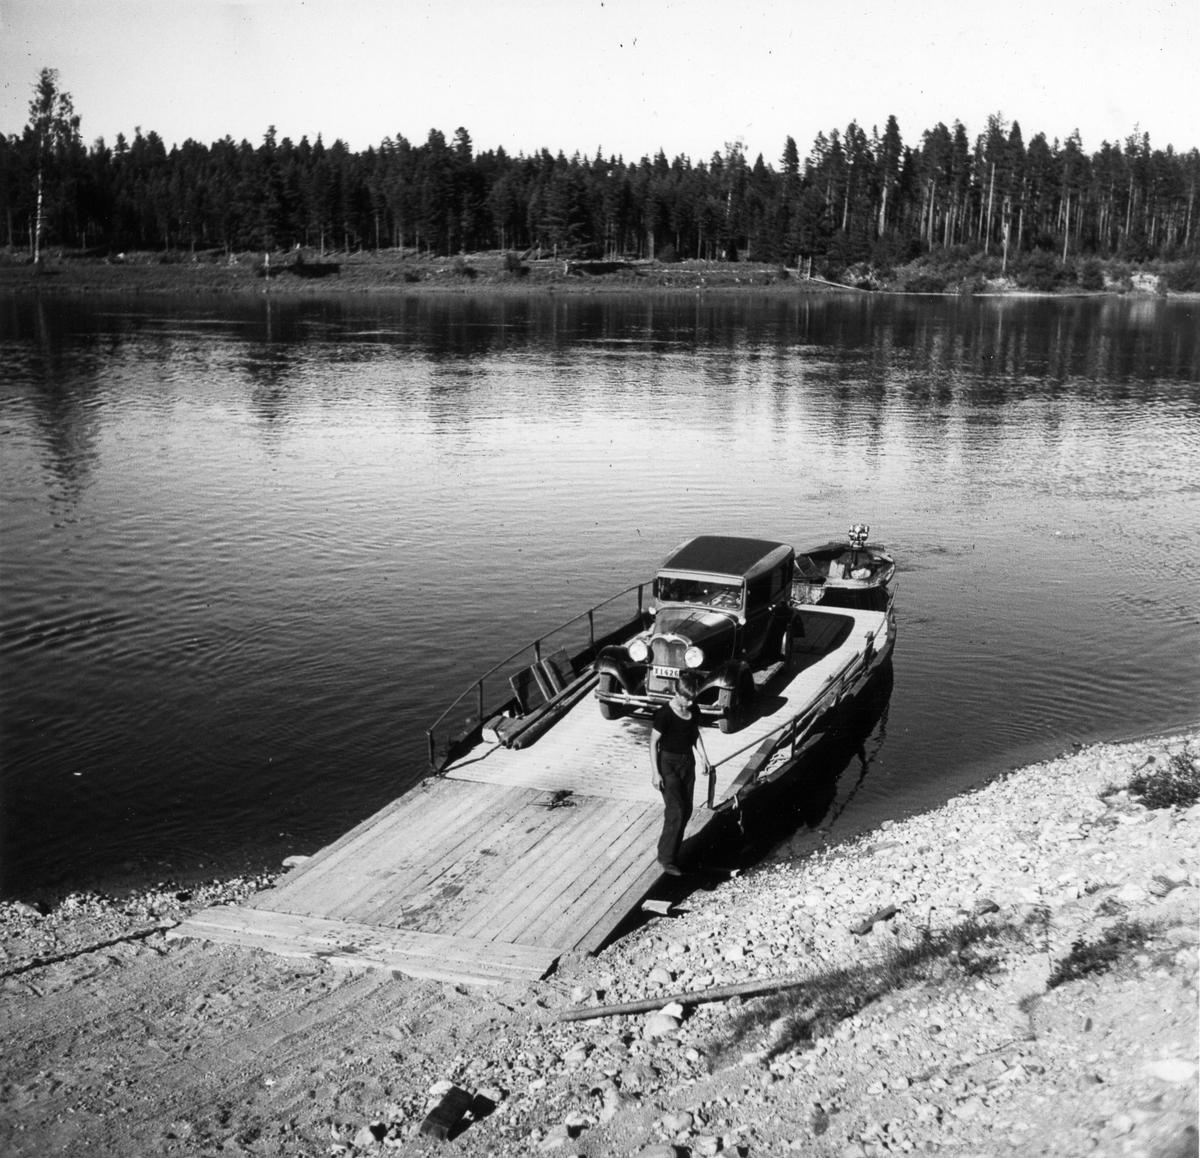 Färjställe i Laforsen (Kårböle).